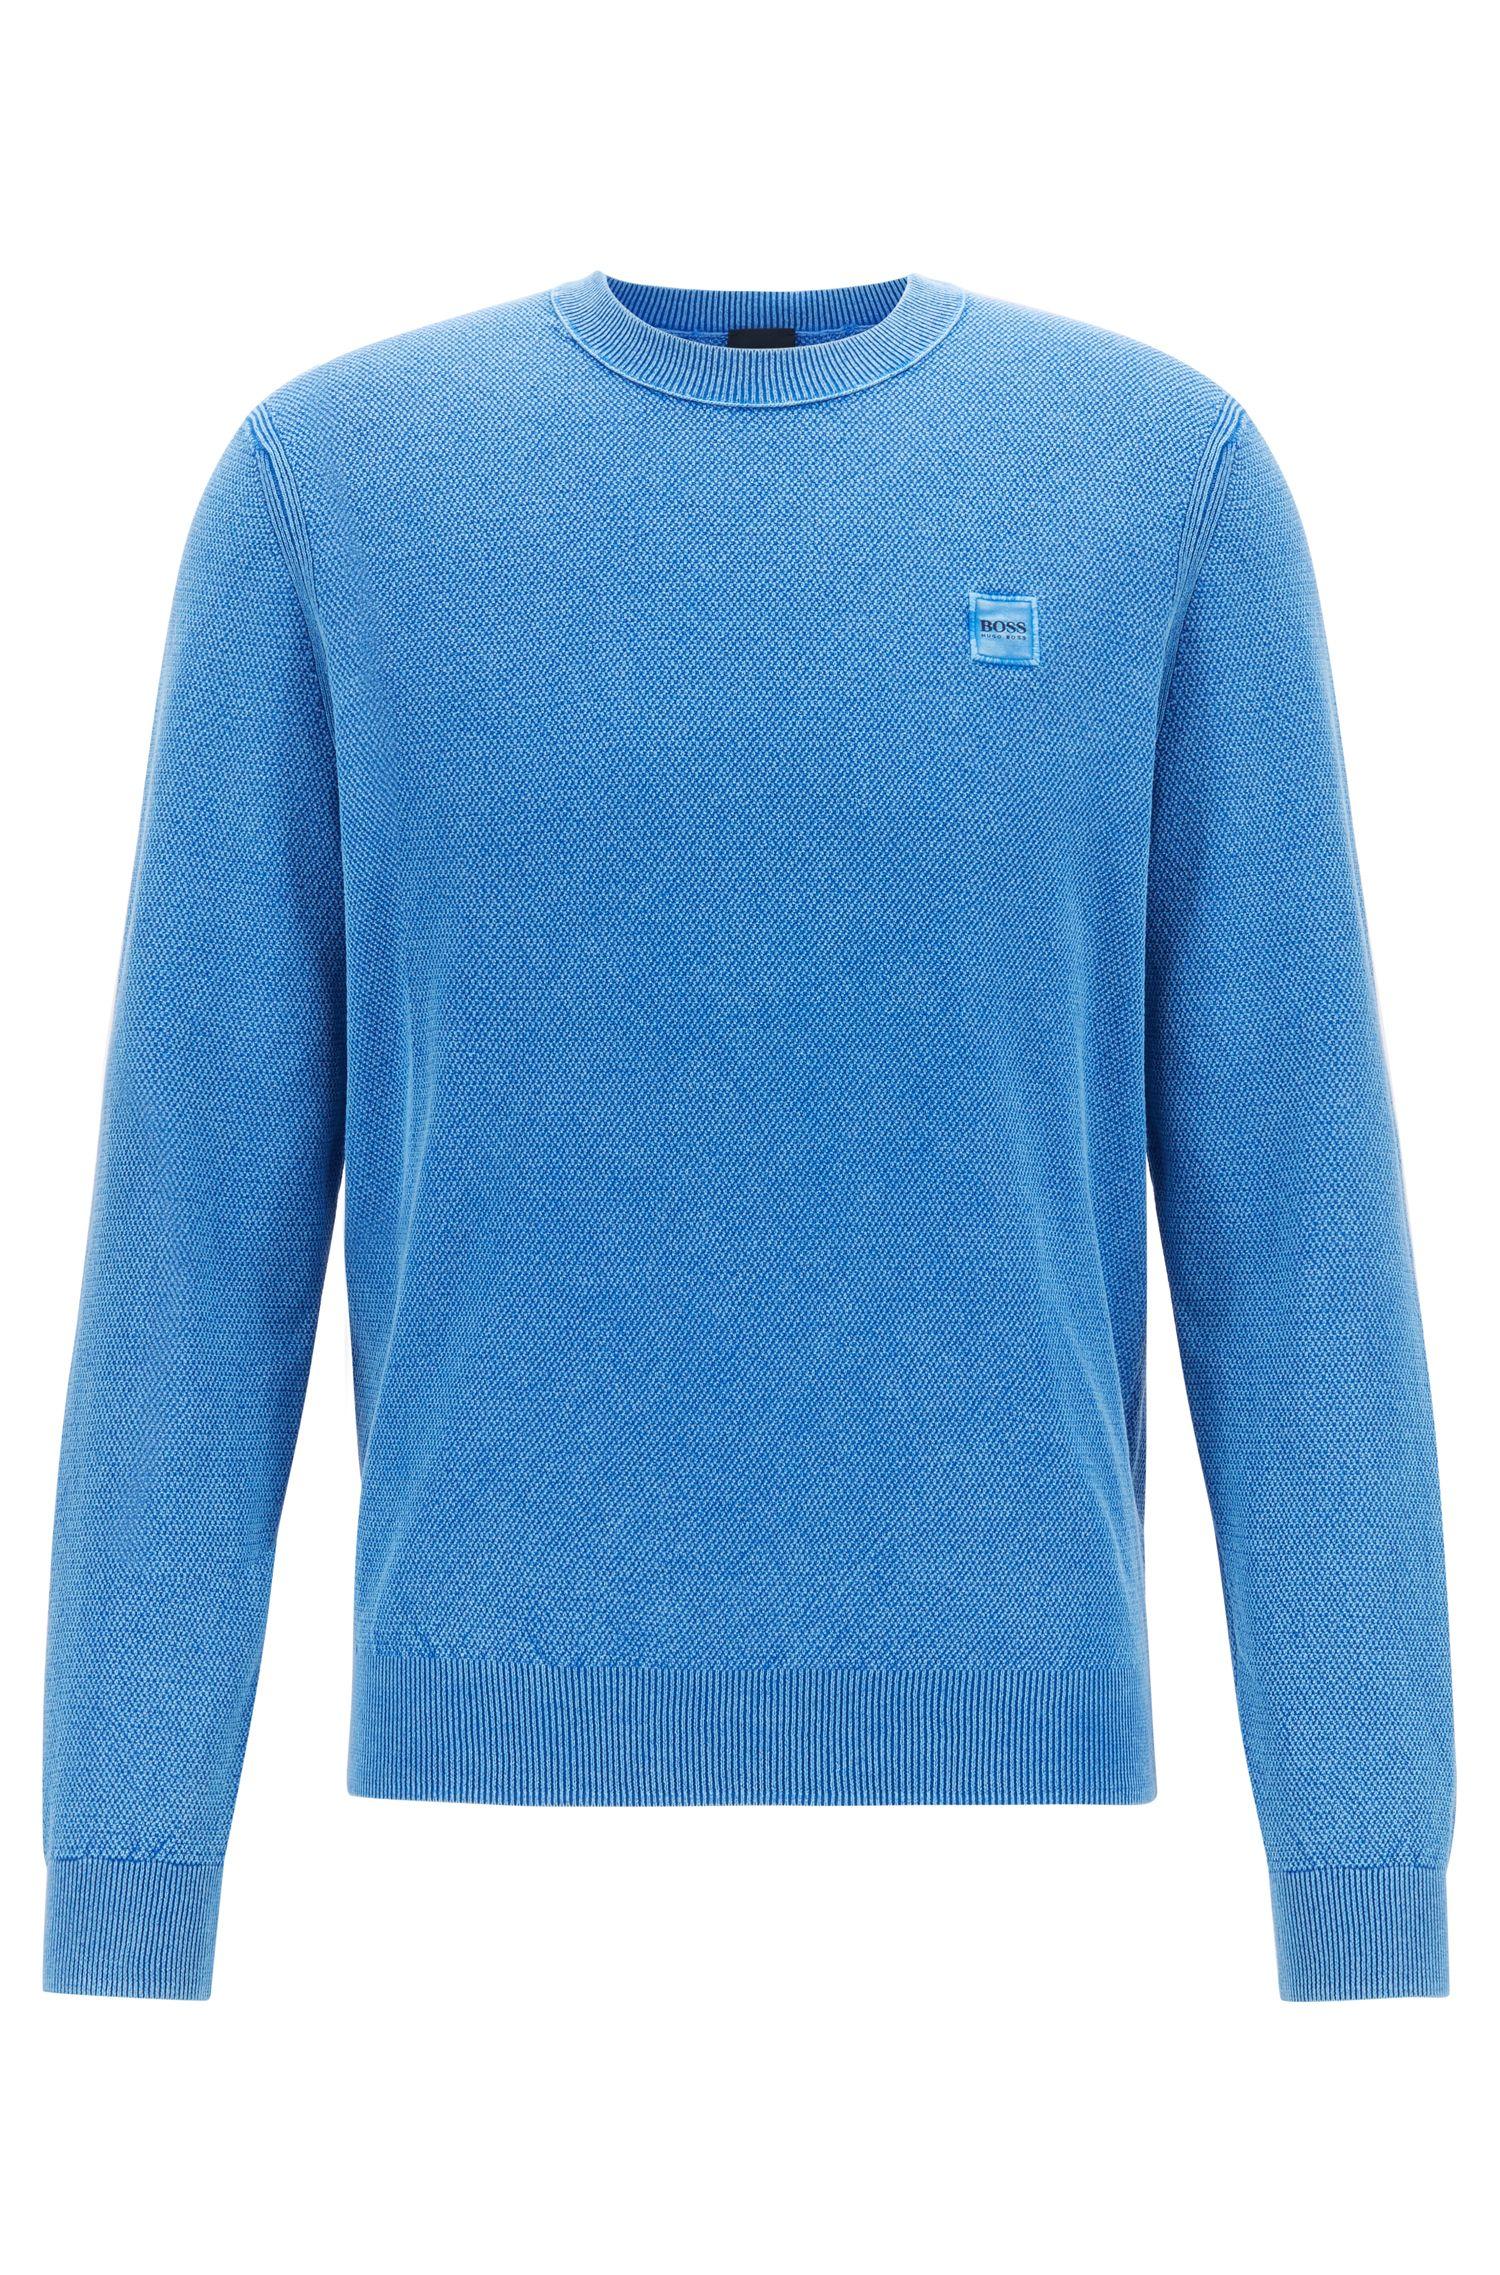 Rundhals-Pullover aus Baumwolle mit Reiskorn-Struktur, Blau